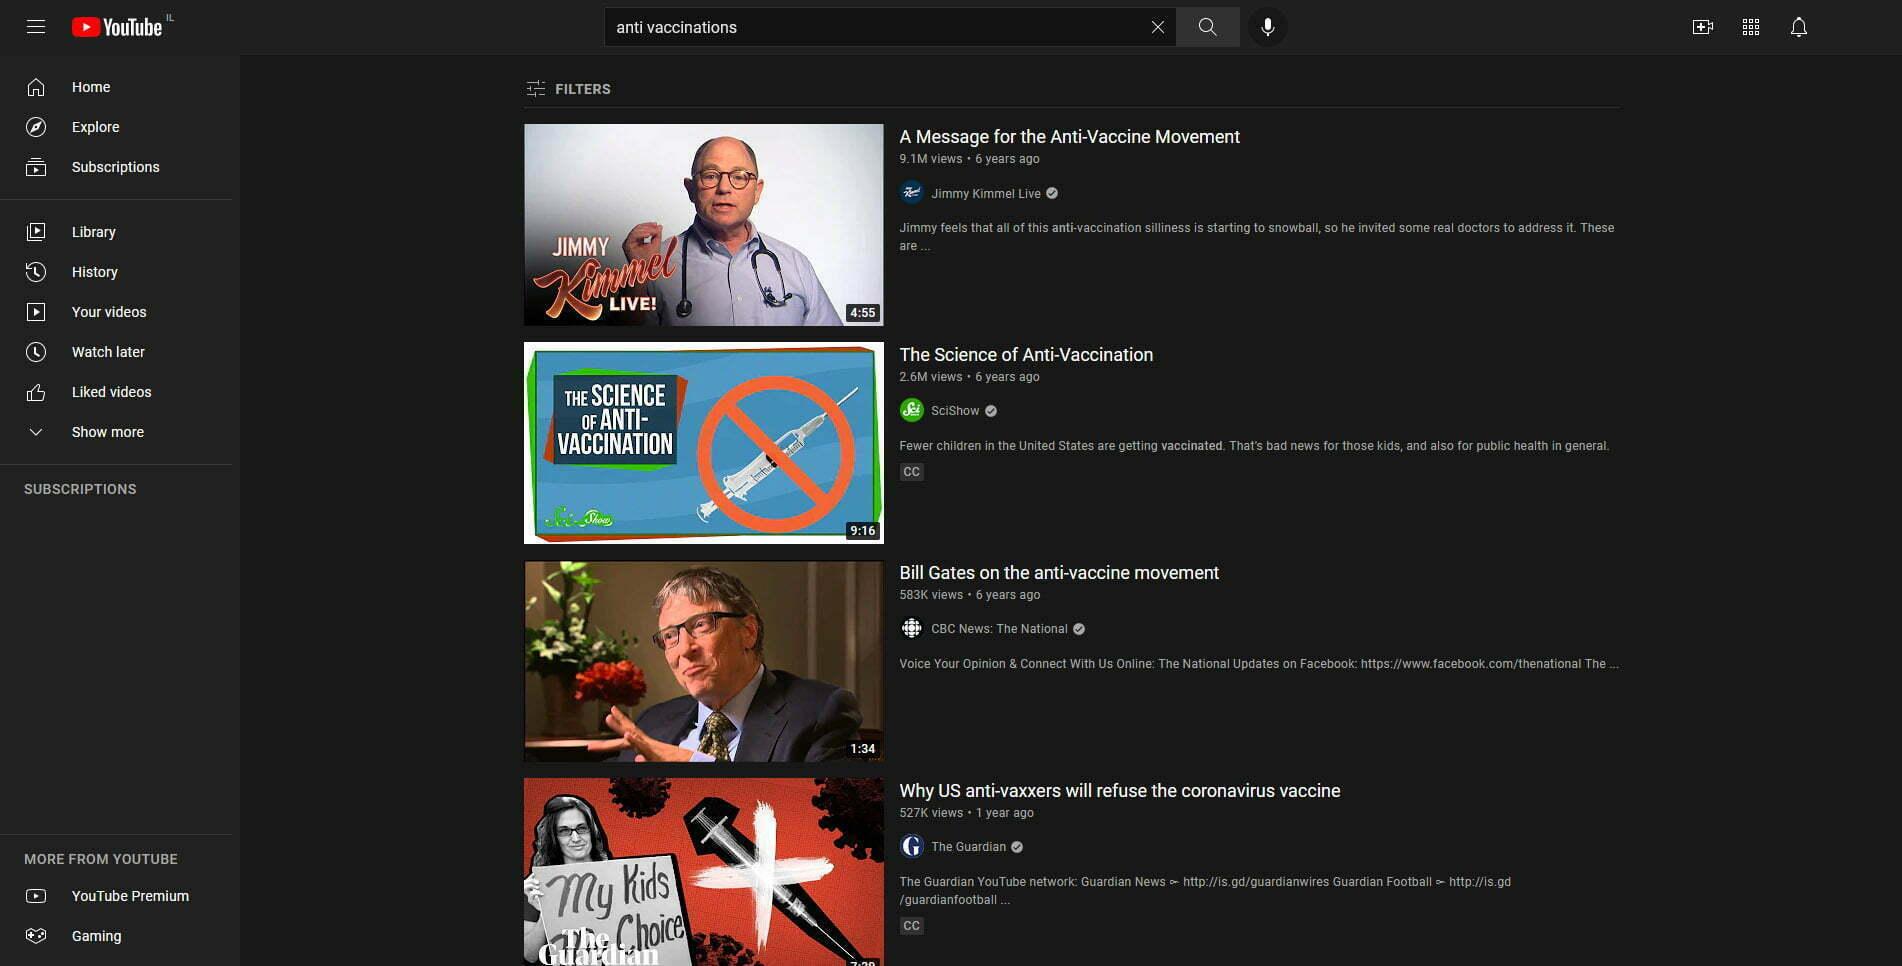 מתנגדי חיסונים יוטיוב Youtube | צילום מסך: עכשיו בטכנולוגיה